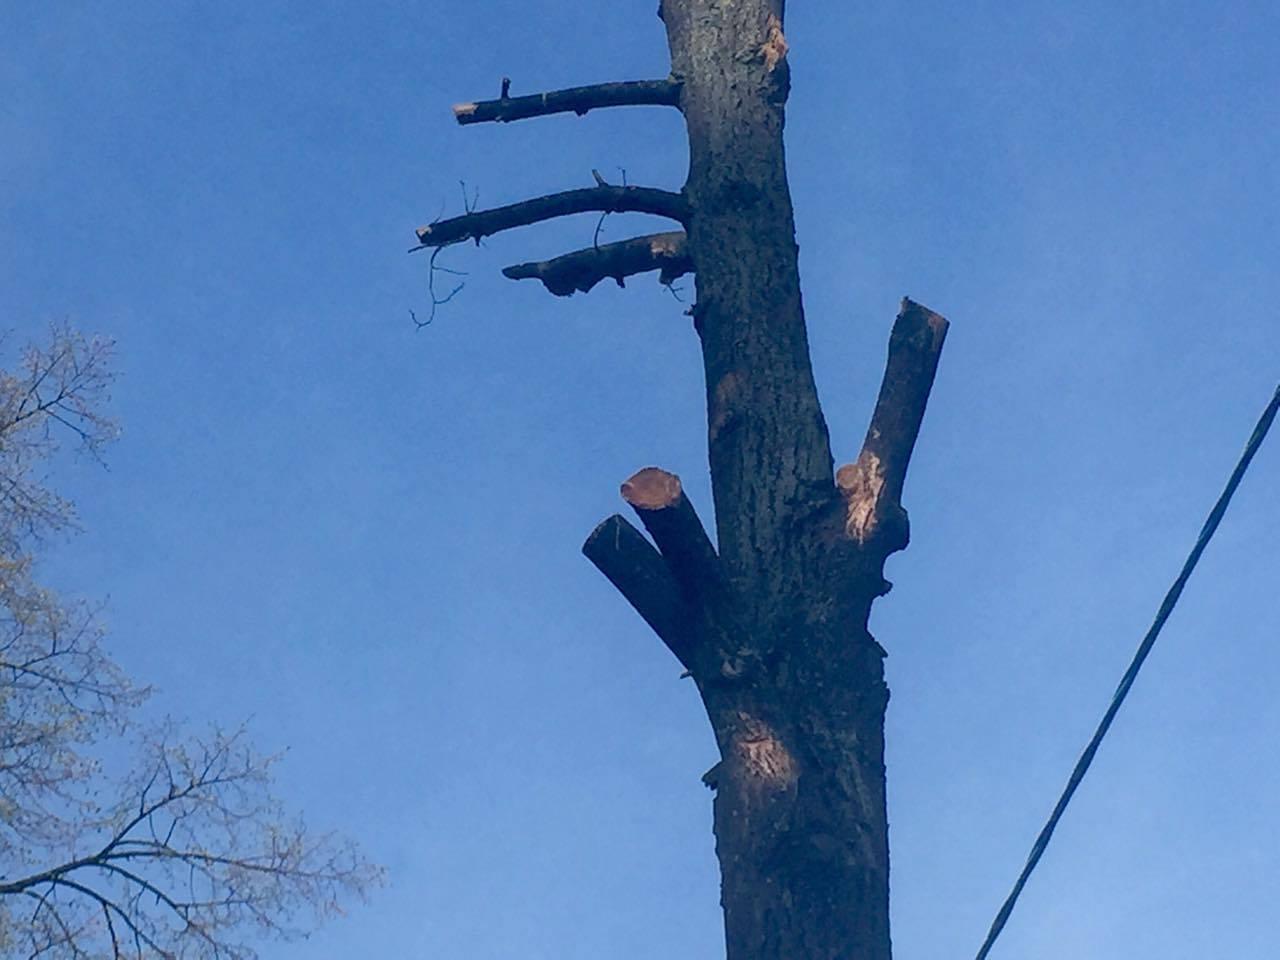 Уют и комфорт: администрация Ульяновска продолжаeт уничтожать деревья